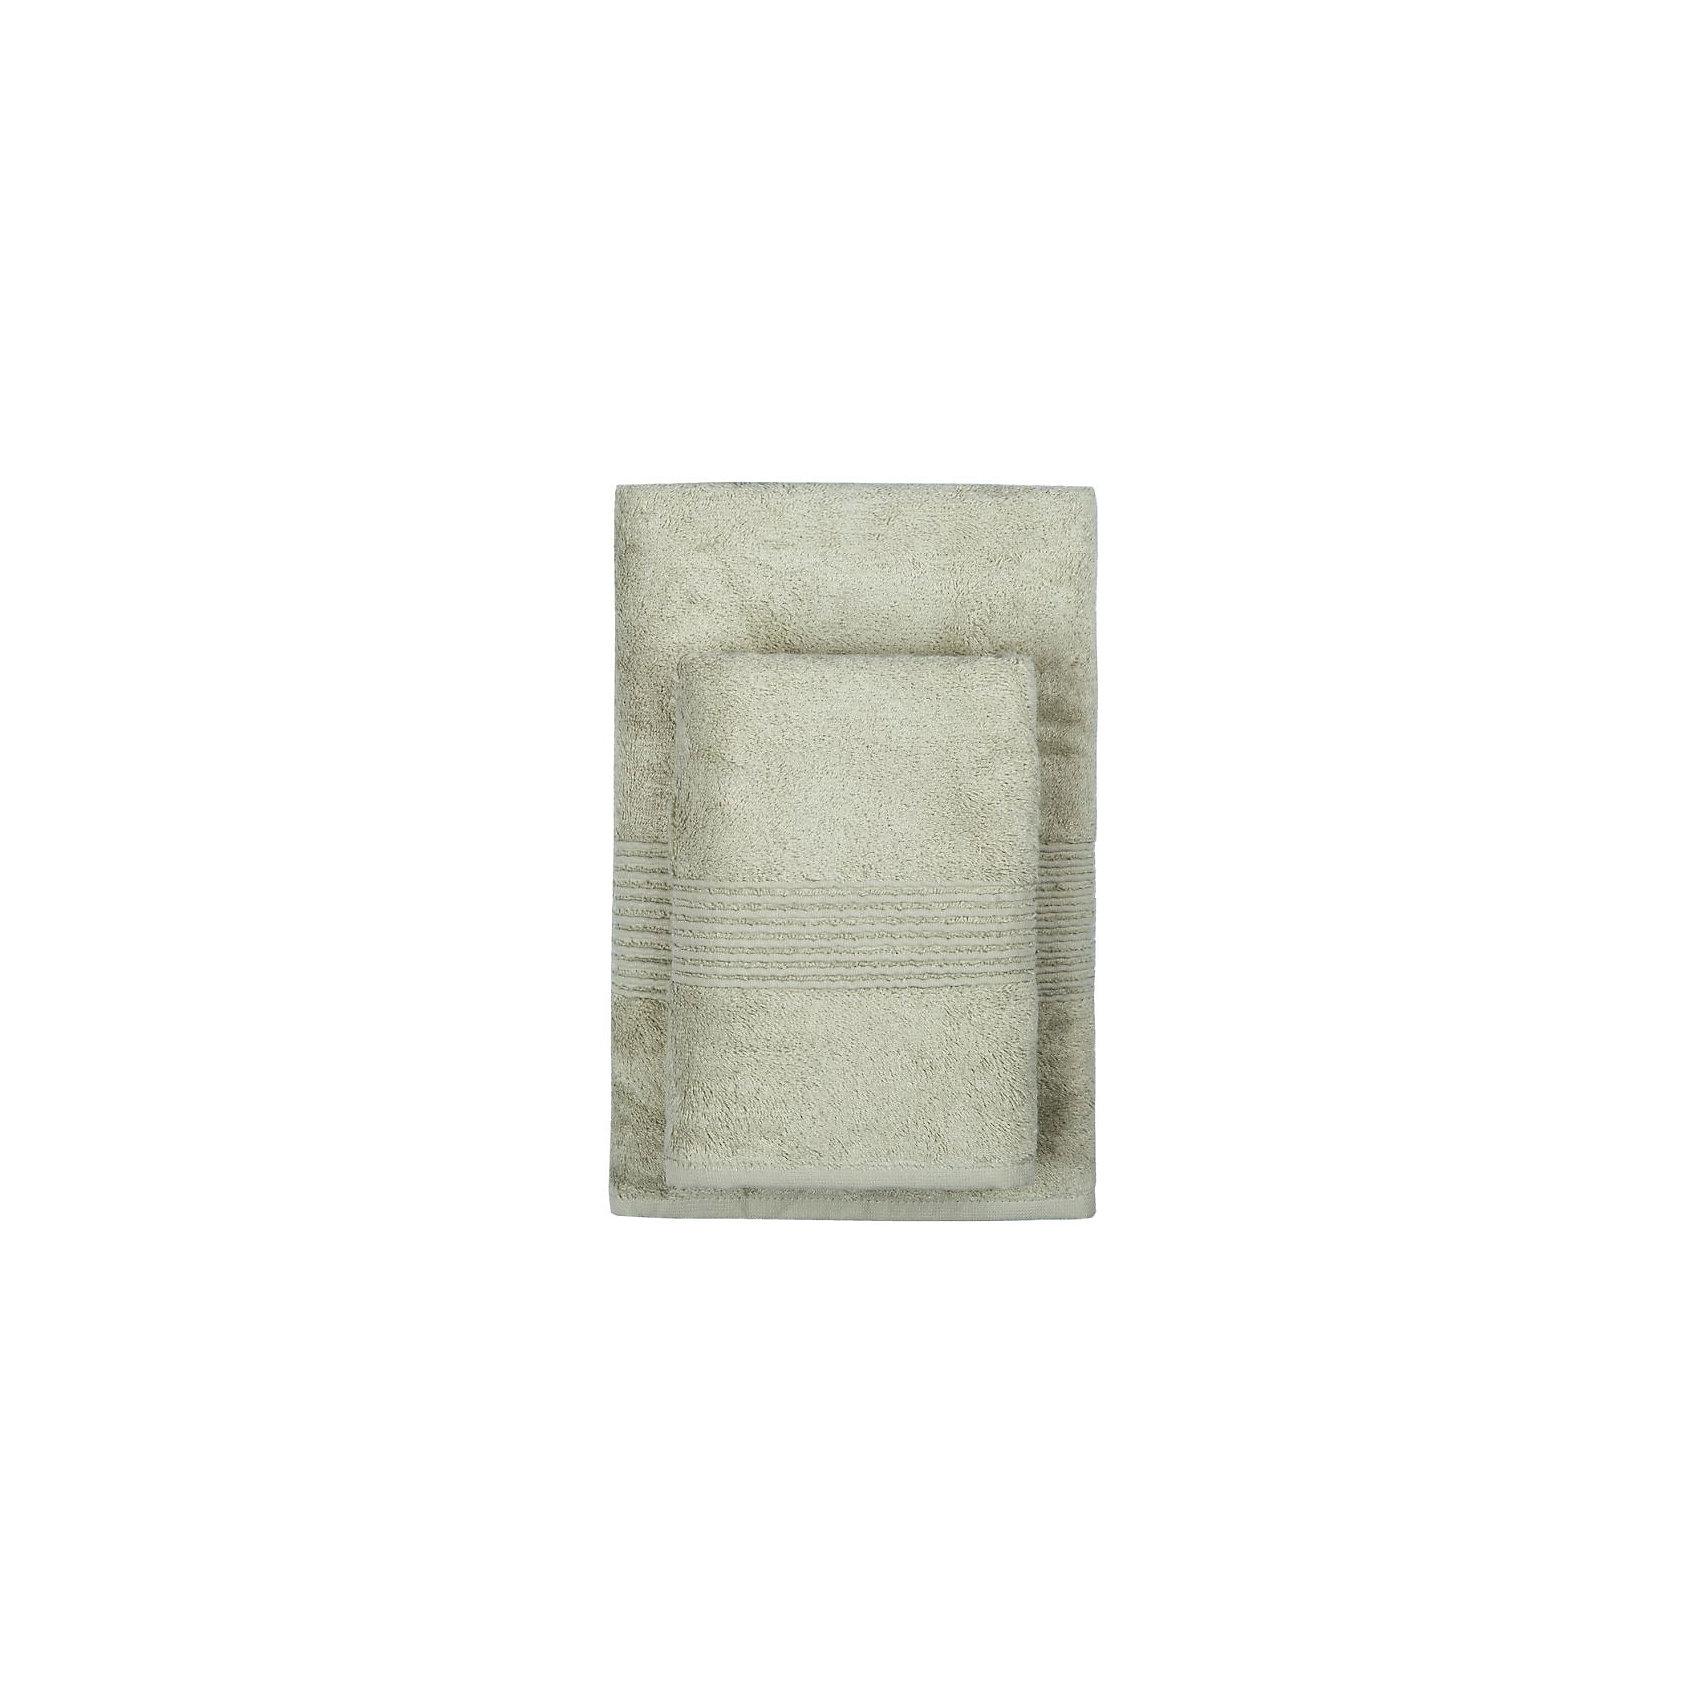 Полотенце махровое Maison Bambu, 70*140, TAC, фисташковый (cagla)Ванная комната<br>Характеристики:<br><br>• Вид домашнего текстиля: махровое полотенце<br>• Размеры полотенца: 70*140 см<br>• Рисунок: без рисунка<br>• Декоративные элементы: бордюр<br>• Материал: хлопок, 50% хлопок; бамбук, 50%<br>• Цвет: фисташковый<br>• Плотность полотна: 550 гр/м2 <br>• Вес: 550 г<br>• Размеры упаковки (Д*Ш*В): 37*5*25 см<br>• Особенности ухода: машинная стирка <br><br>Полотенце махровое Maison Bambu, 70*140, TAC, фисташковый (cagla) от наиболее популярного бренда на отечественном рынке среди производителей комплектов постельного белья и текстильных принадлежностей, выпуском которого занимается производственная компания, являющаяся частью мирового холдинга Zorlu Holding Textiles Group. Полотенце выполнено из сочетания натурального хлопка и бамбукового волокна, что обеспечивает гипоаллергенность, высокую износоустойчивость, повышенные гигкоскопические и антибактериальные свойства изделия. <br><br>Благодаря высокой степени плотности махры, полотенце отлично впитывает влагу, но при этом остается мягким. Ворс окрашен стойкими нетоксичными красителями, который не оставляет запаха и обеспечивает ровный окрас. Полотенце сохраняет свой цвет и форму даже при частых стирках. Выполнено в фисташковом цвете без рисунка, декорировано бордюром.<br><br>Полотенце махровое Maison Bambu, 70*140, TAC, фисташковый (cagla) можно купить в нашем интернет-магазине.<br><br>Ширина мм: 250<br>Глубина мм: 30<br>Высота мм: 350<br>Вес г: 500<br>Возраст от месяцев: 216<br>Возраст до месяцев: 1188<br>Пол: Унисекс<br>Возраст: Детский<br>SKU: 5476332